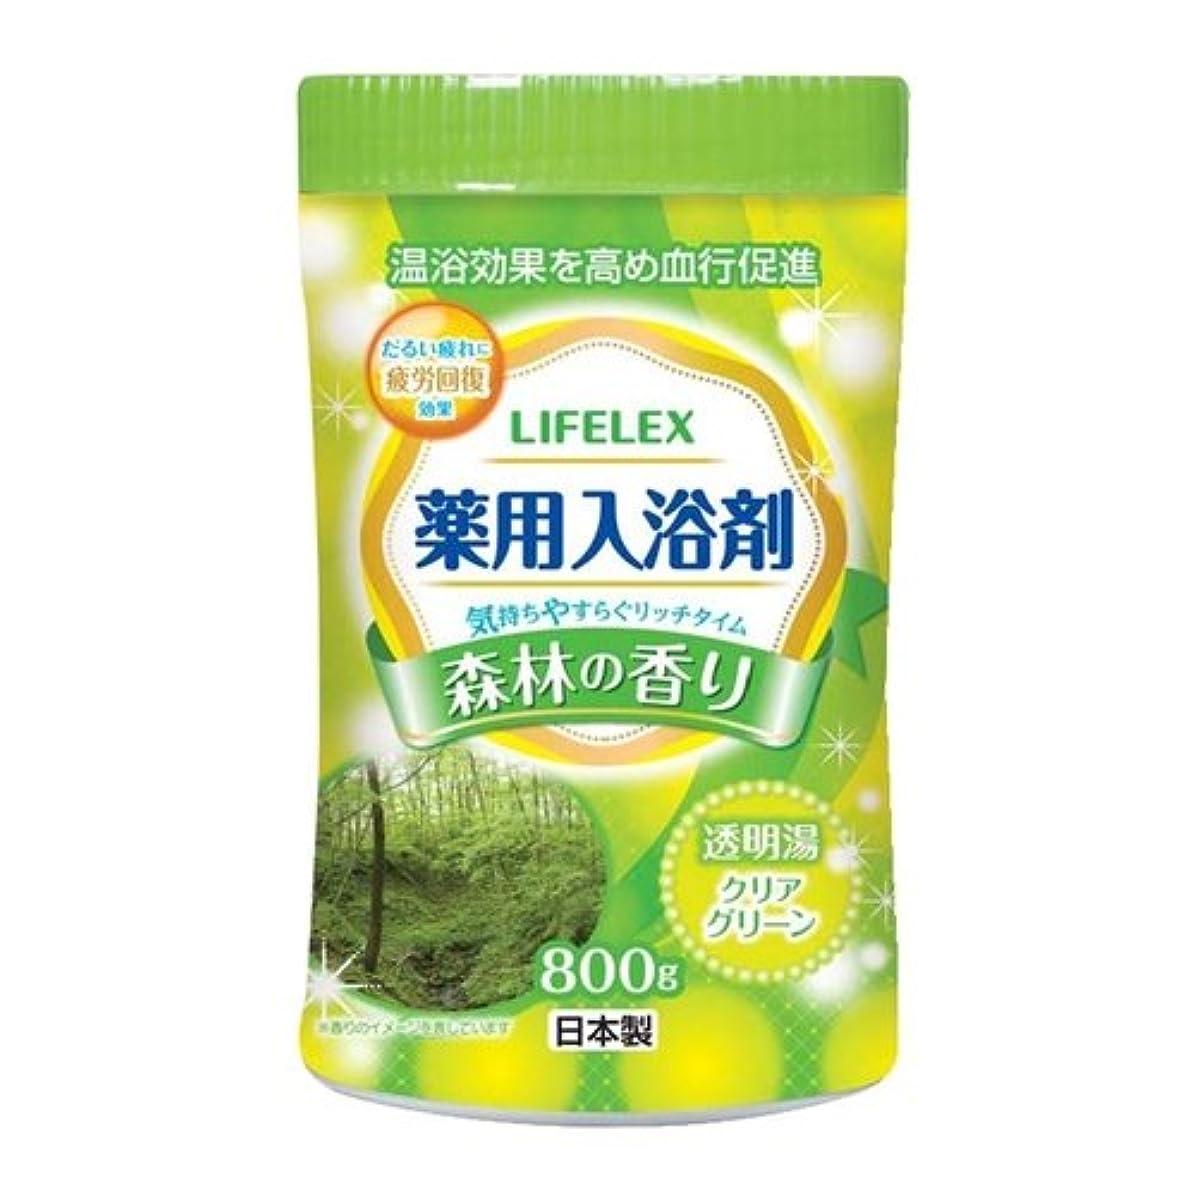 木旋律的ネットコーナンオリジナル 薬用入浴剤 森林の香り 800g